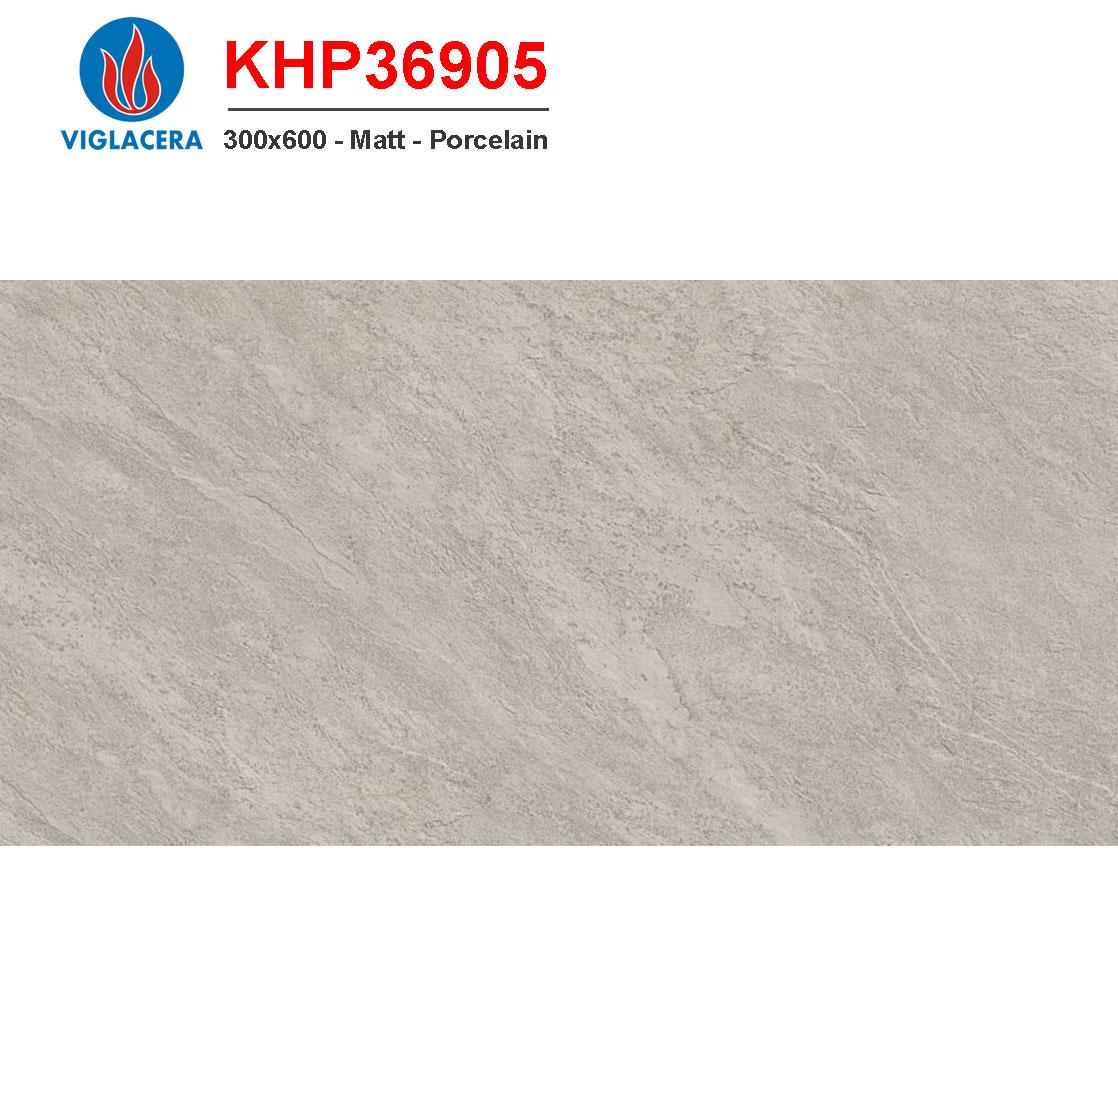 Gạch ốp tường Viglacera KHP36905 giá rẻ